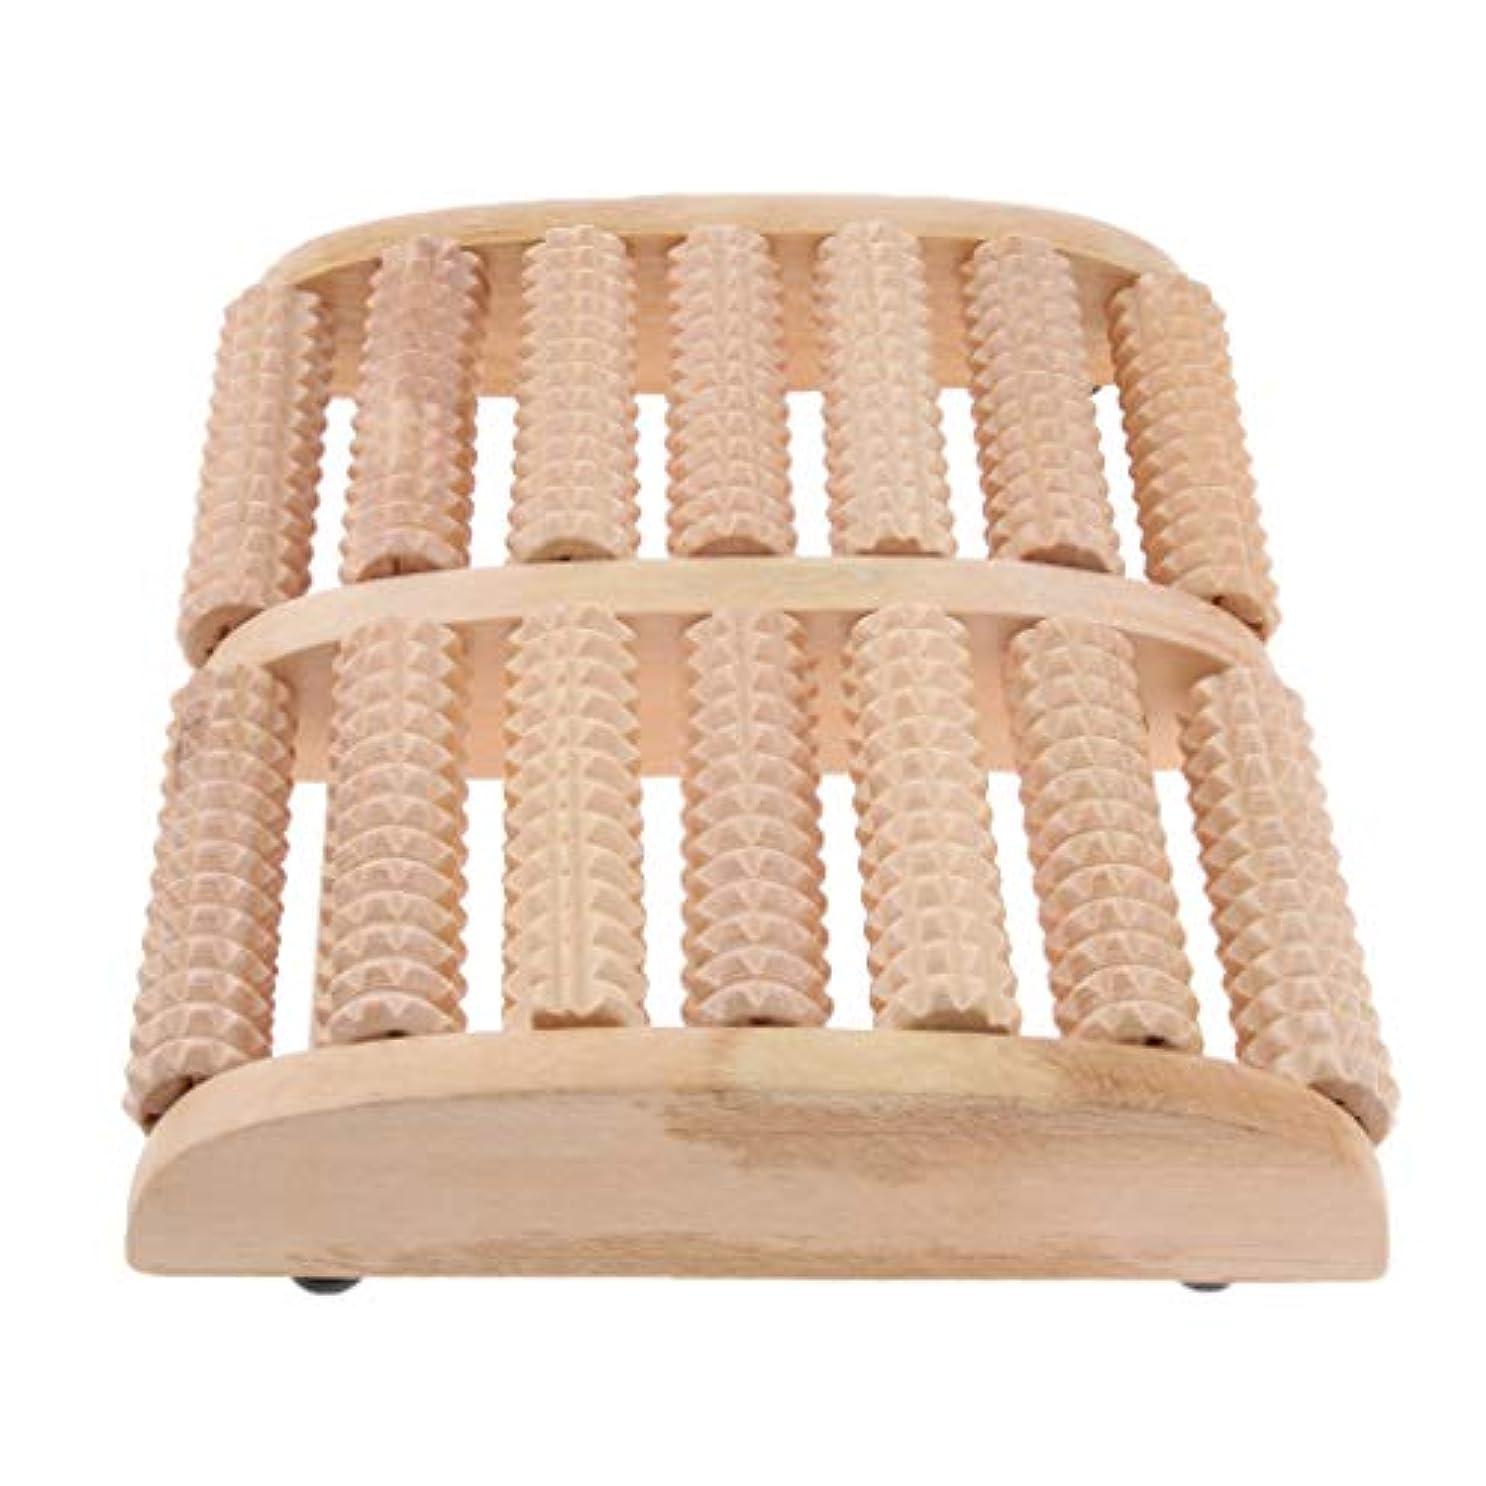 省近代化セメントIPOTCH マッサージローラー 7行 自然木製 足踏み フットマッサージ ツボ押し 痛み緩和 健康器具 高品質